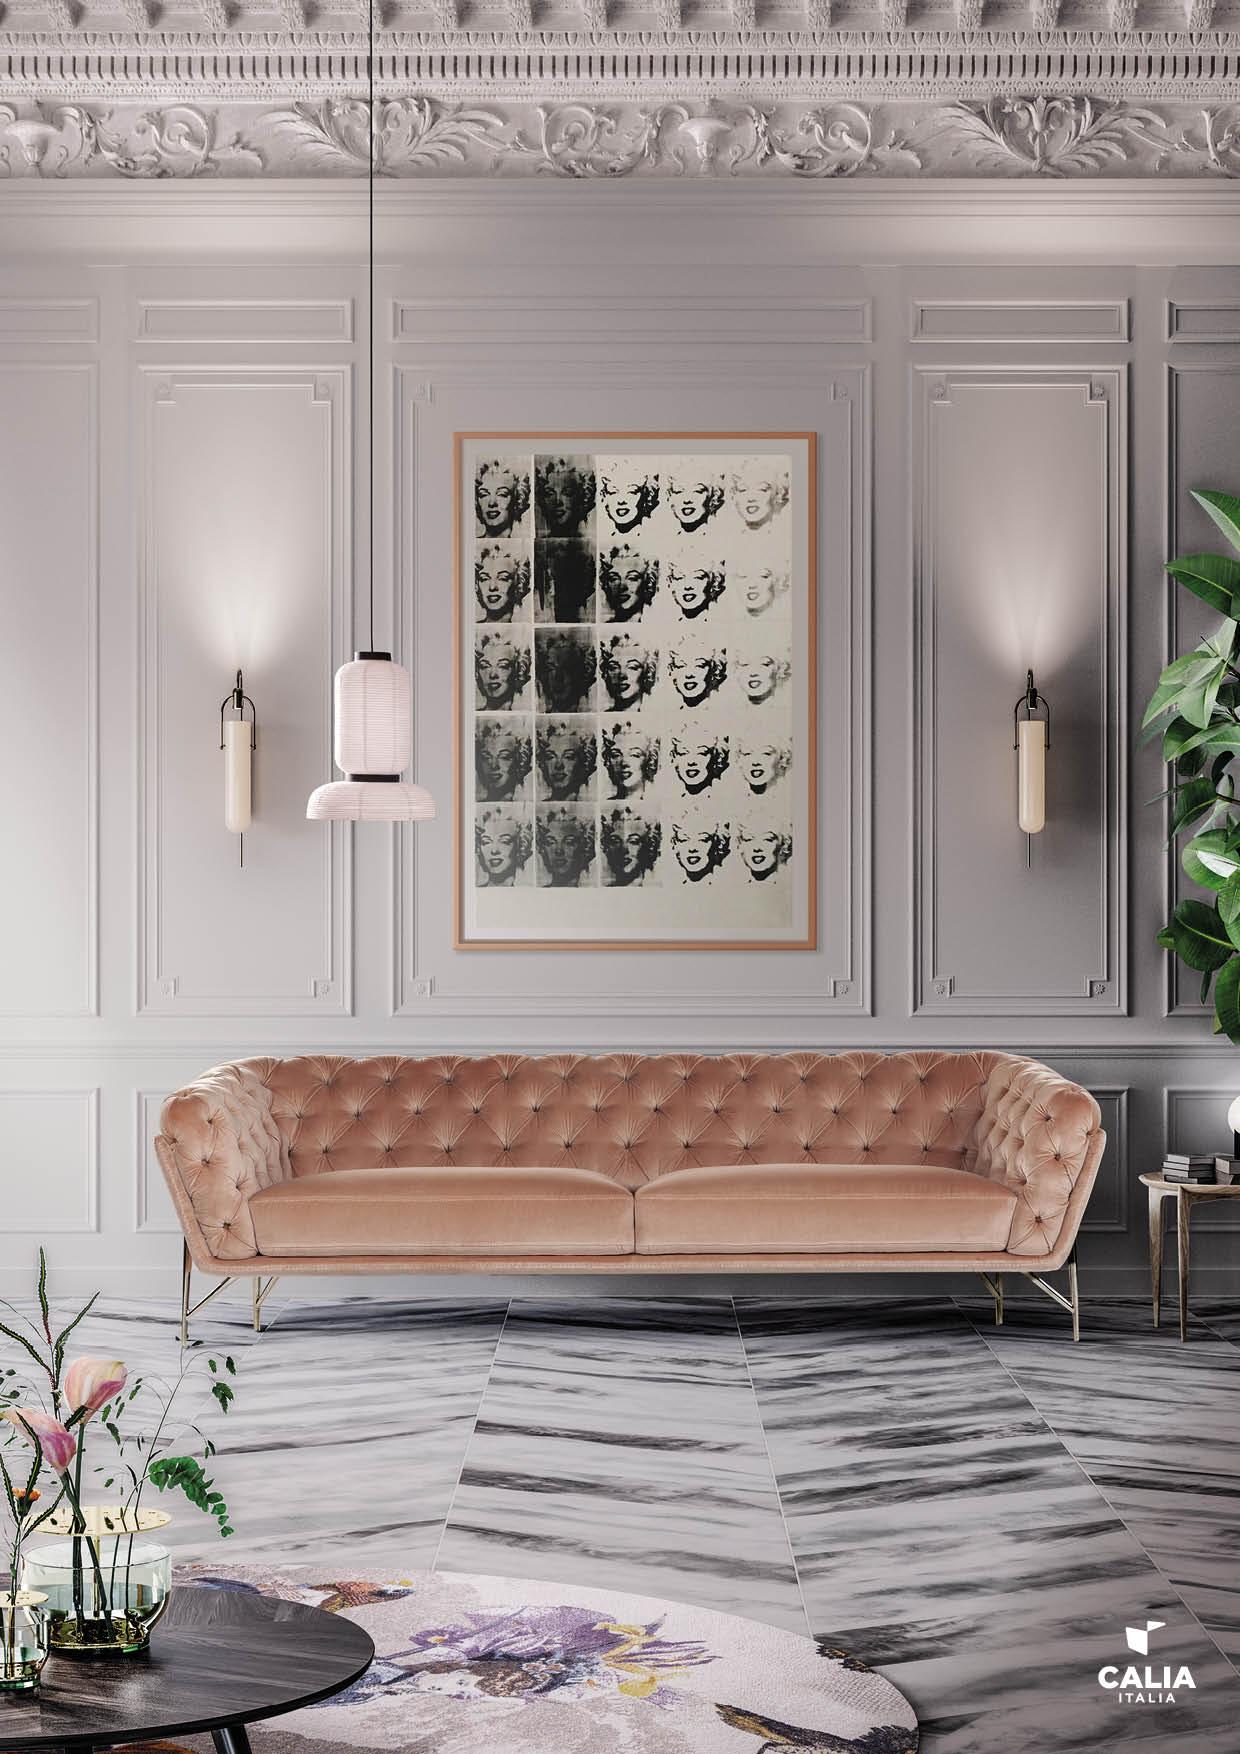 Caliaitalia - Art Nouveau